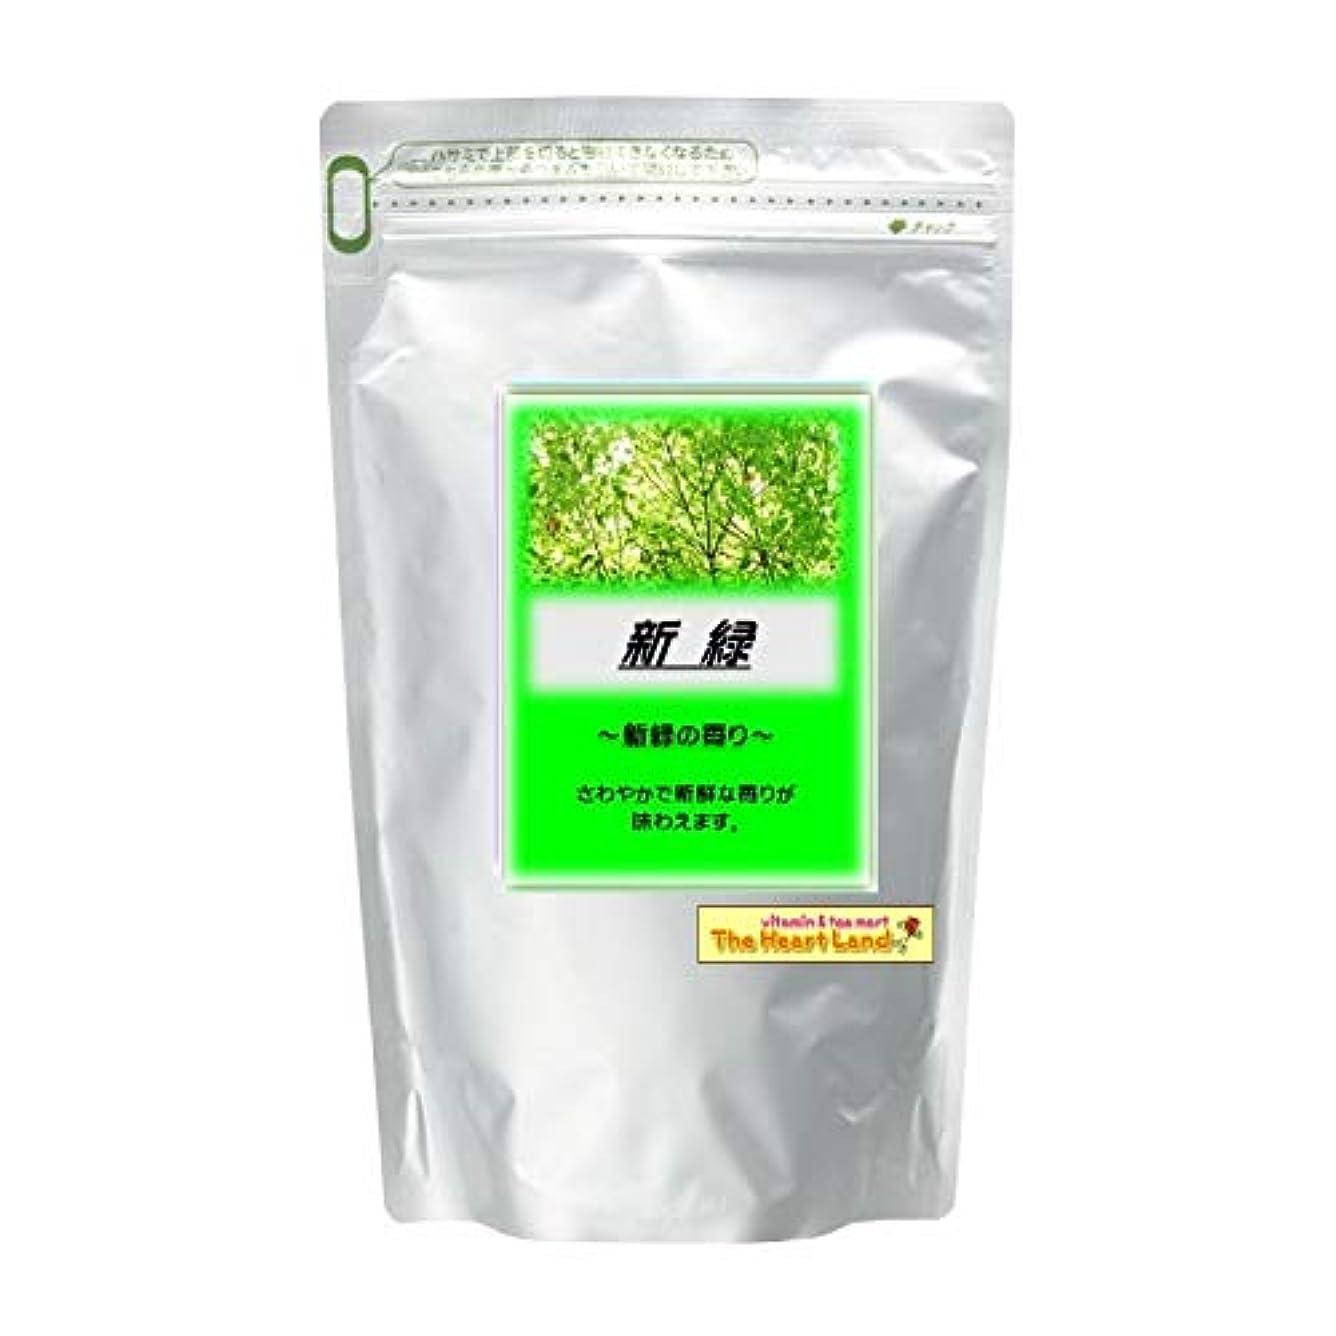 ルネッサンス覆すゴミ箱アサヒ入浴剤 浴用入浴化粧品 新緑 2.5kg